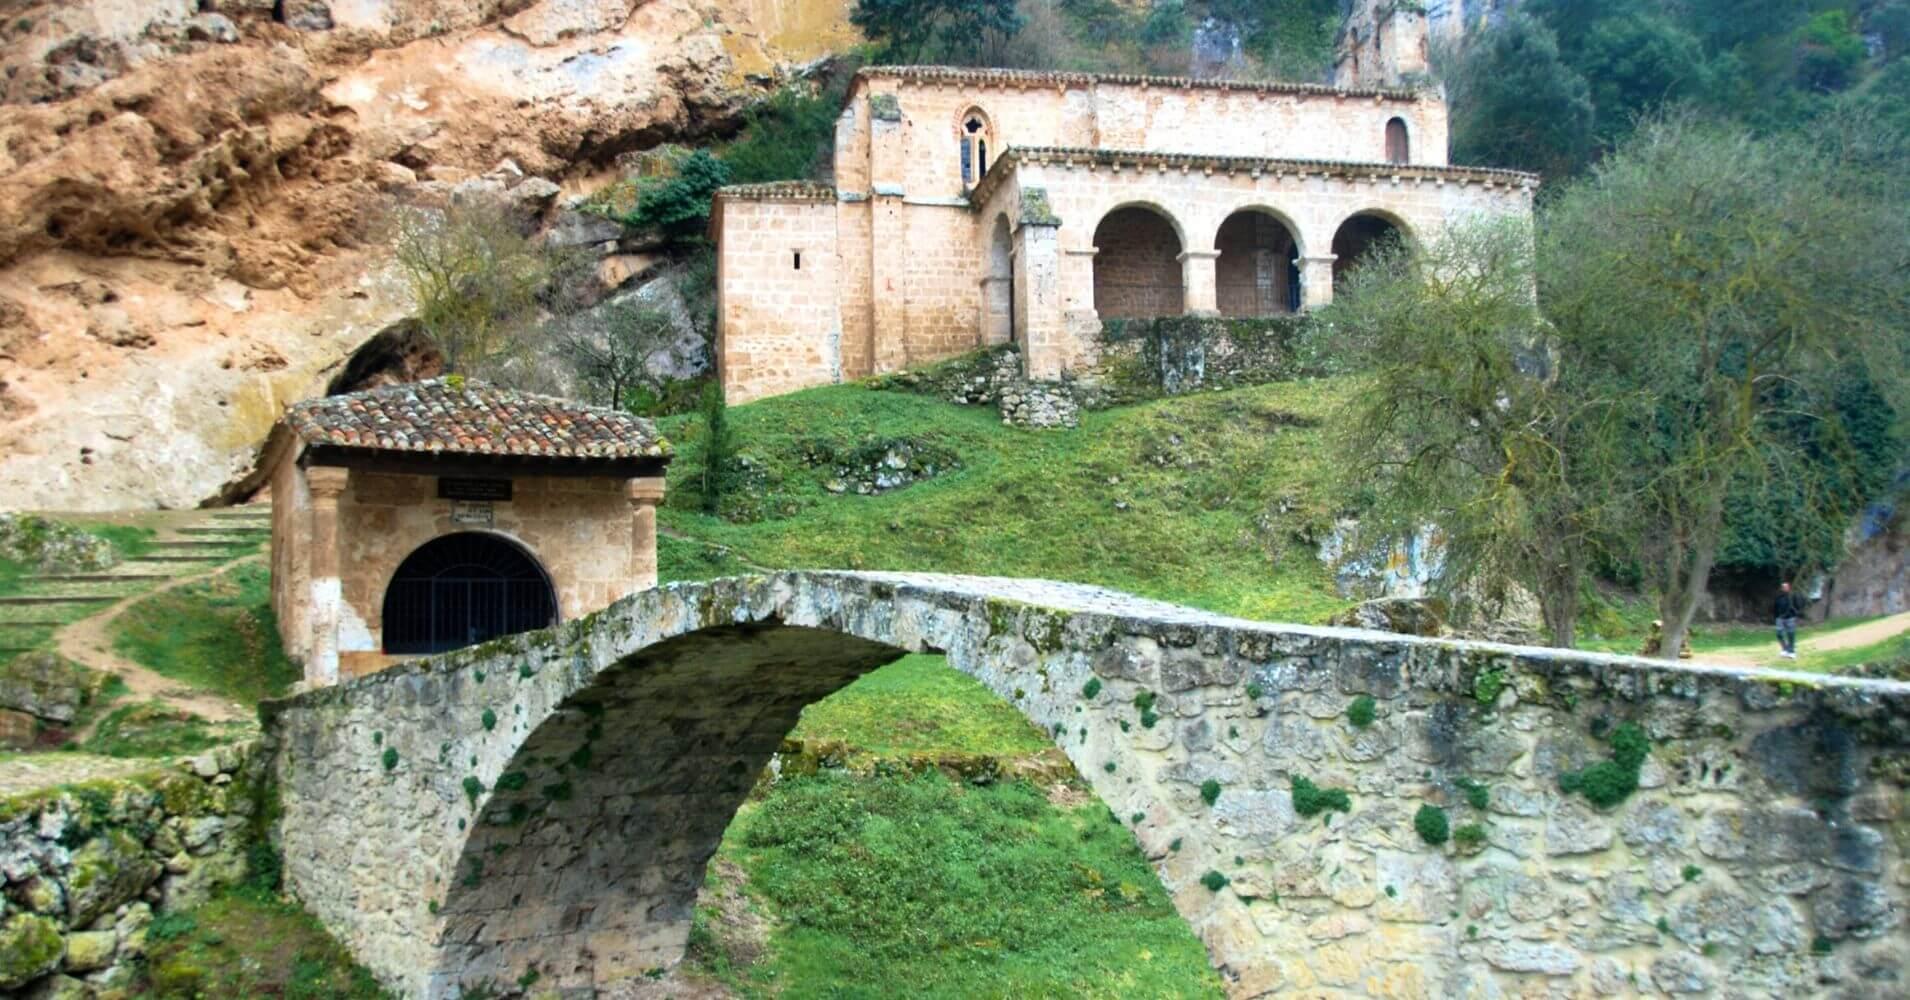 Viaje a las Merindades, Ermita de Nuestra Señora de la Hoz. Tobera. Burgos.